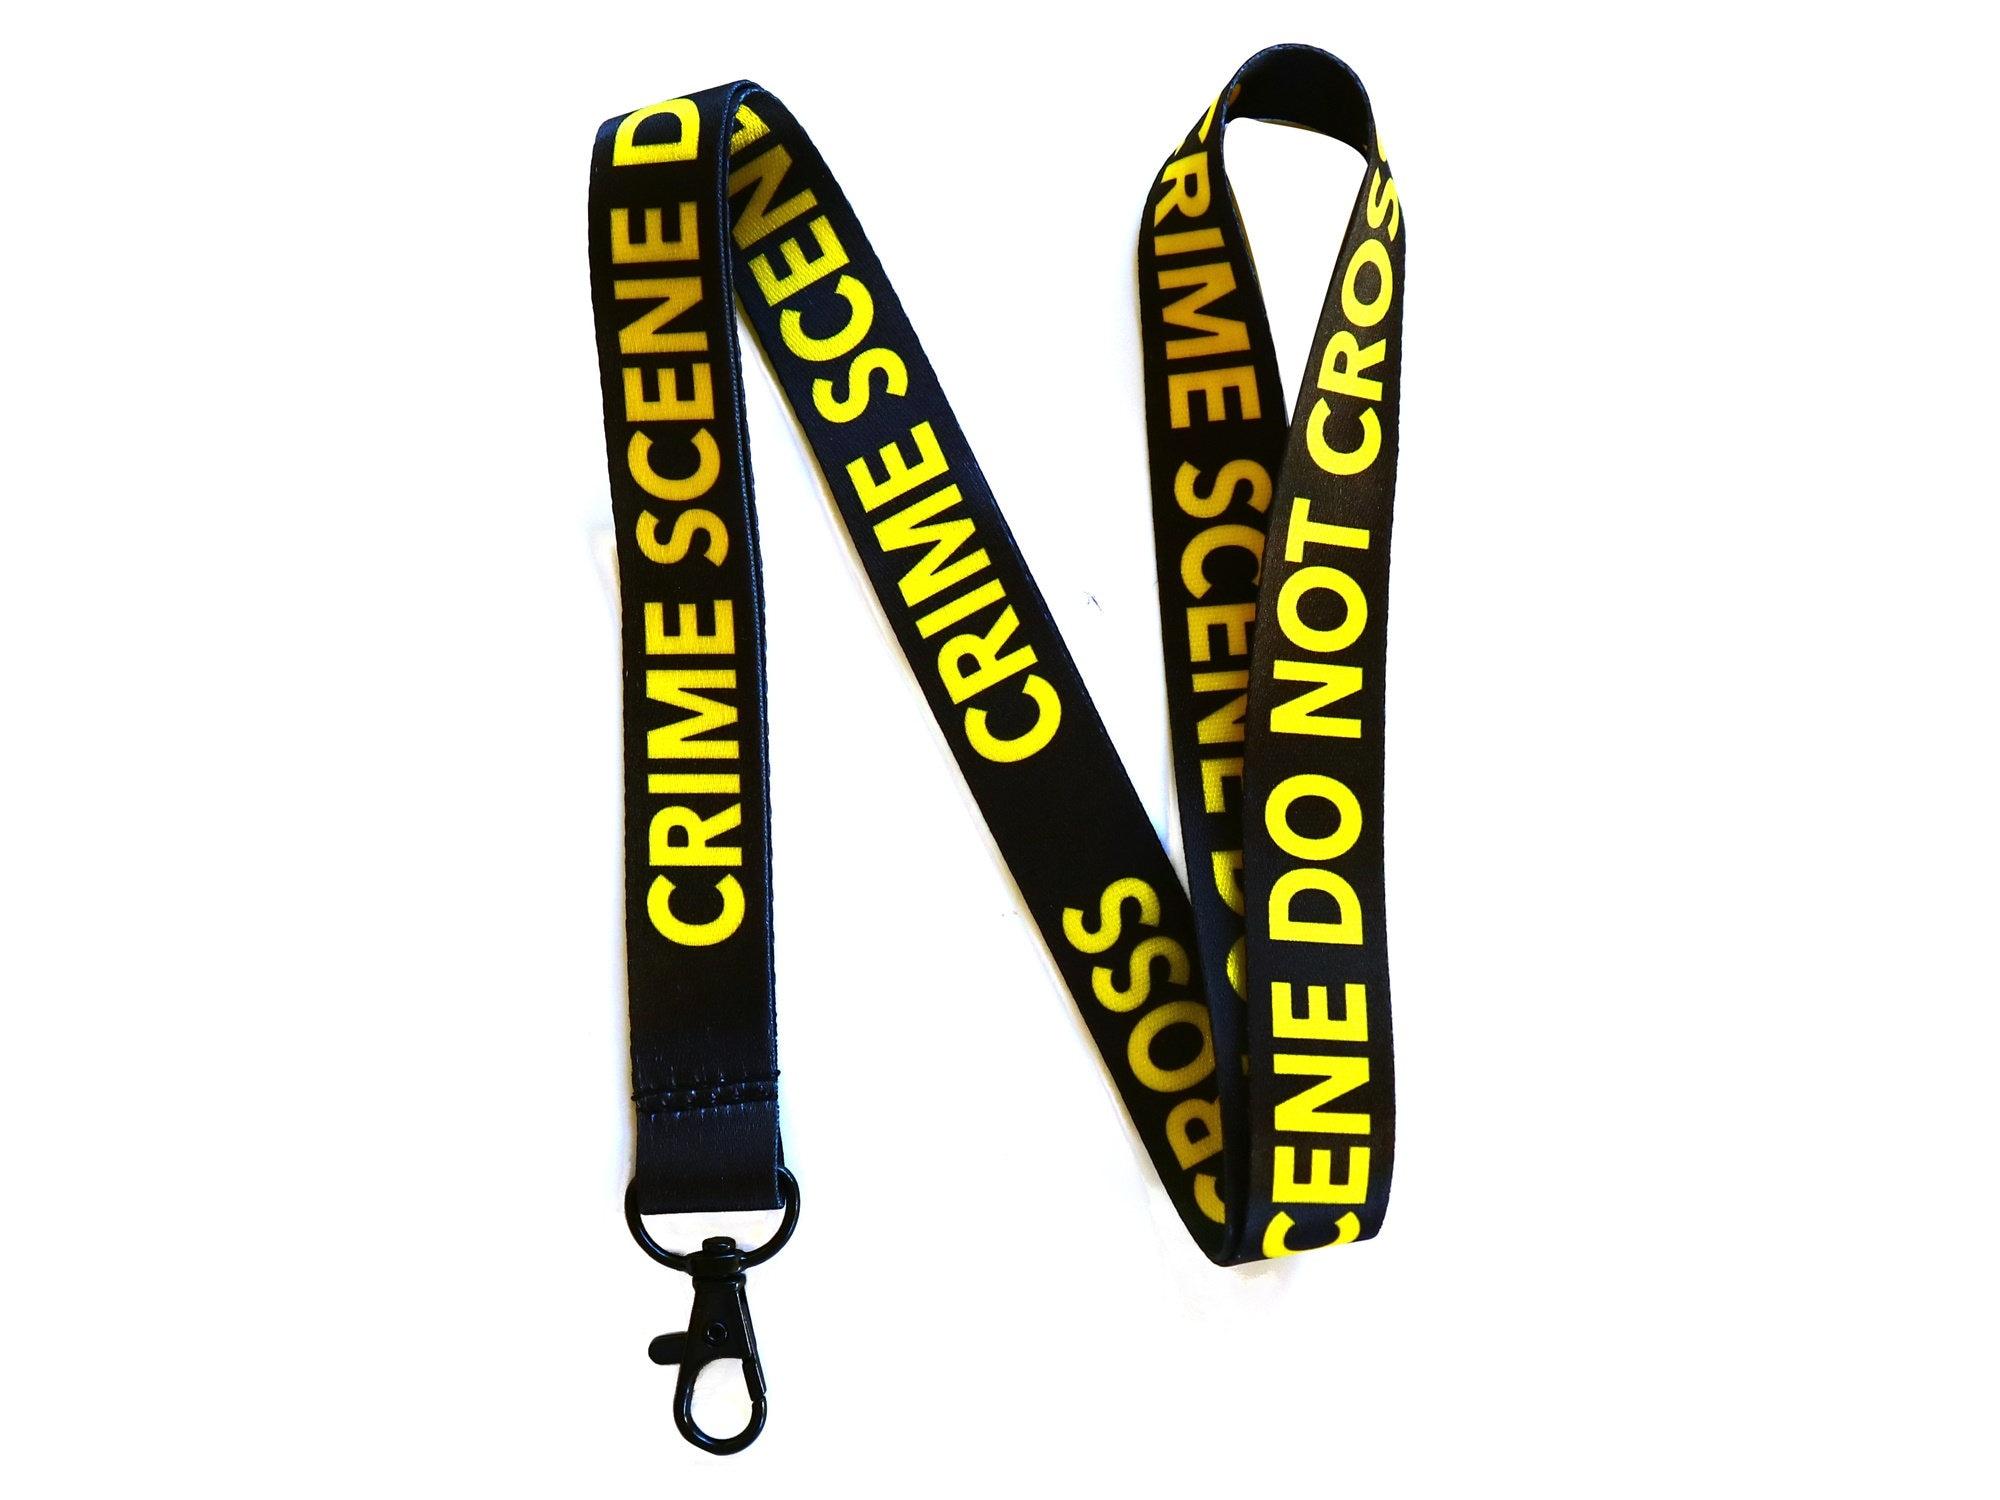 Forensic Necktie Do Not Cross Crime Scene